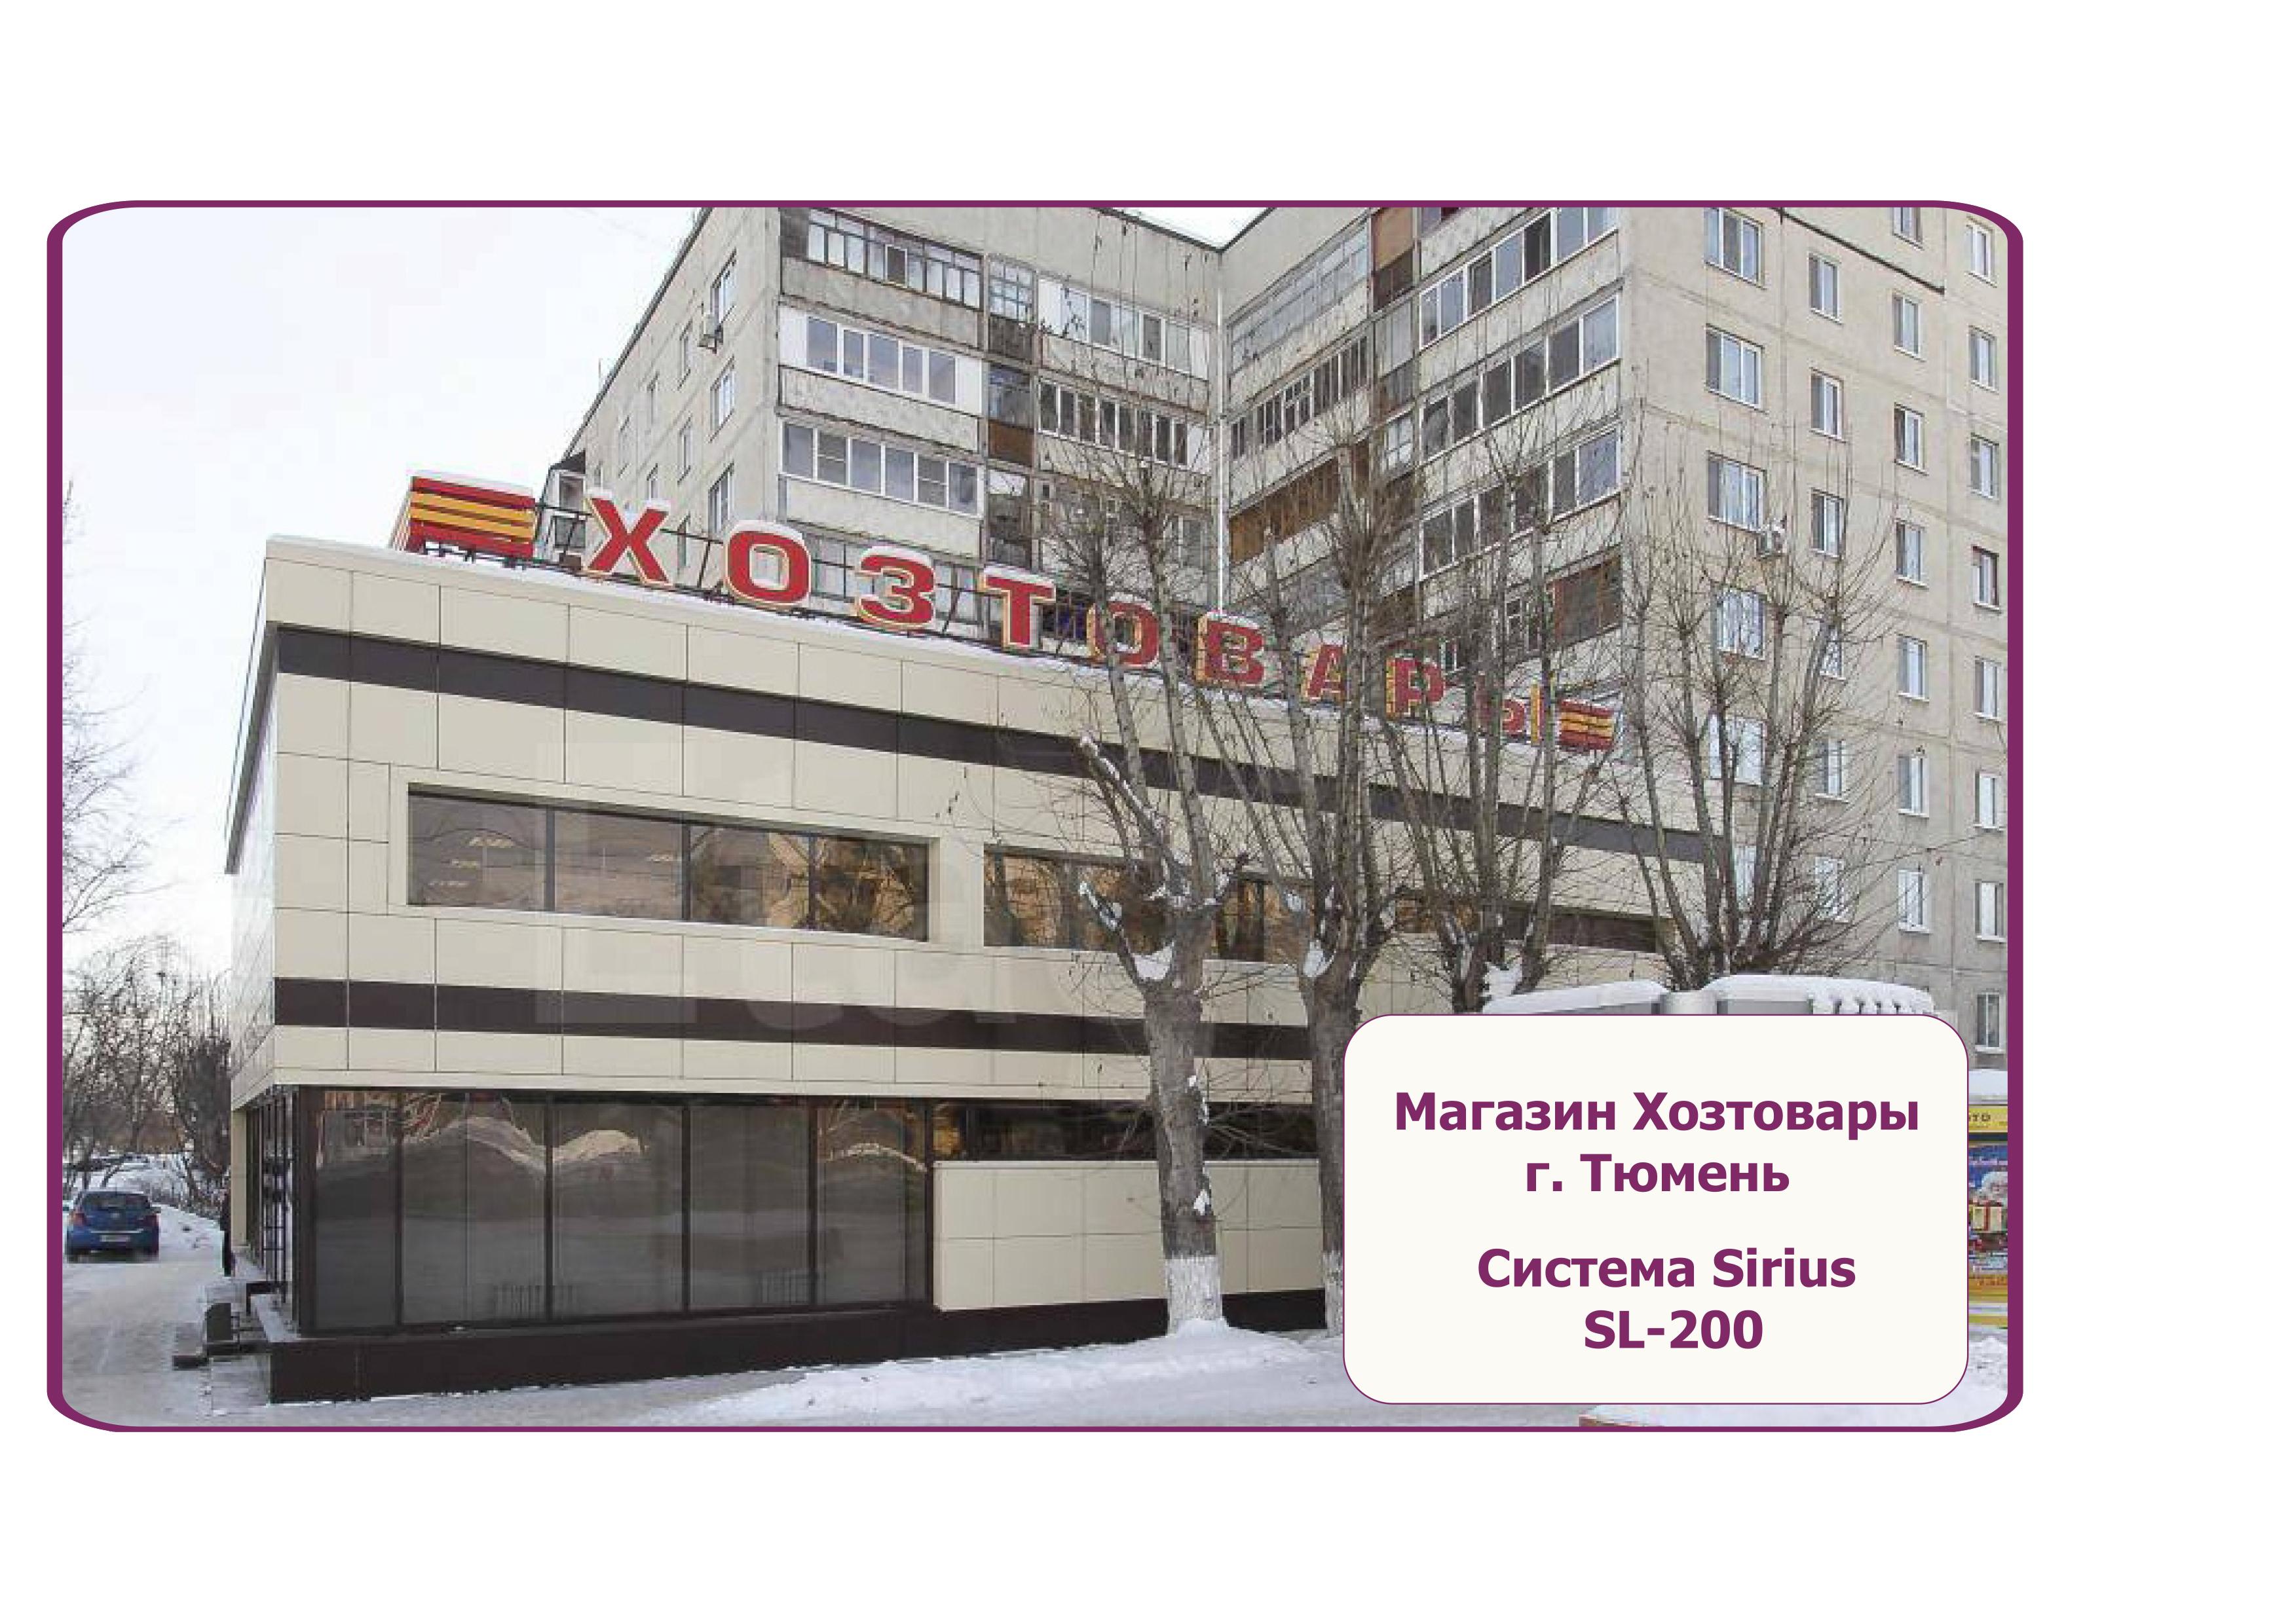 Магазин г. Тюмень Фасад объекта облицован на алюминиевой подсистеме SIRIUS SL-200 - композитные панели, усиленный Y-профиль